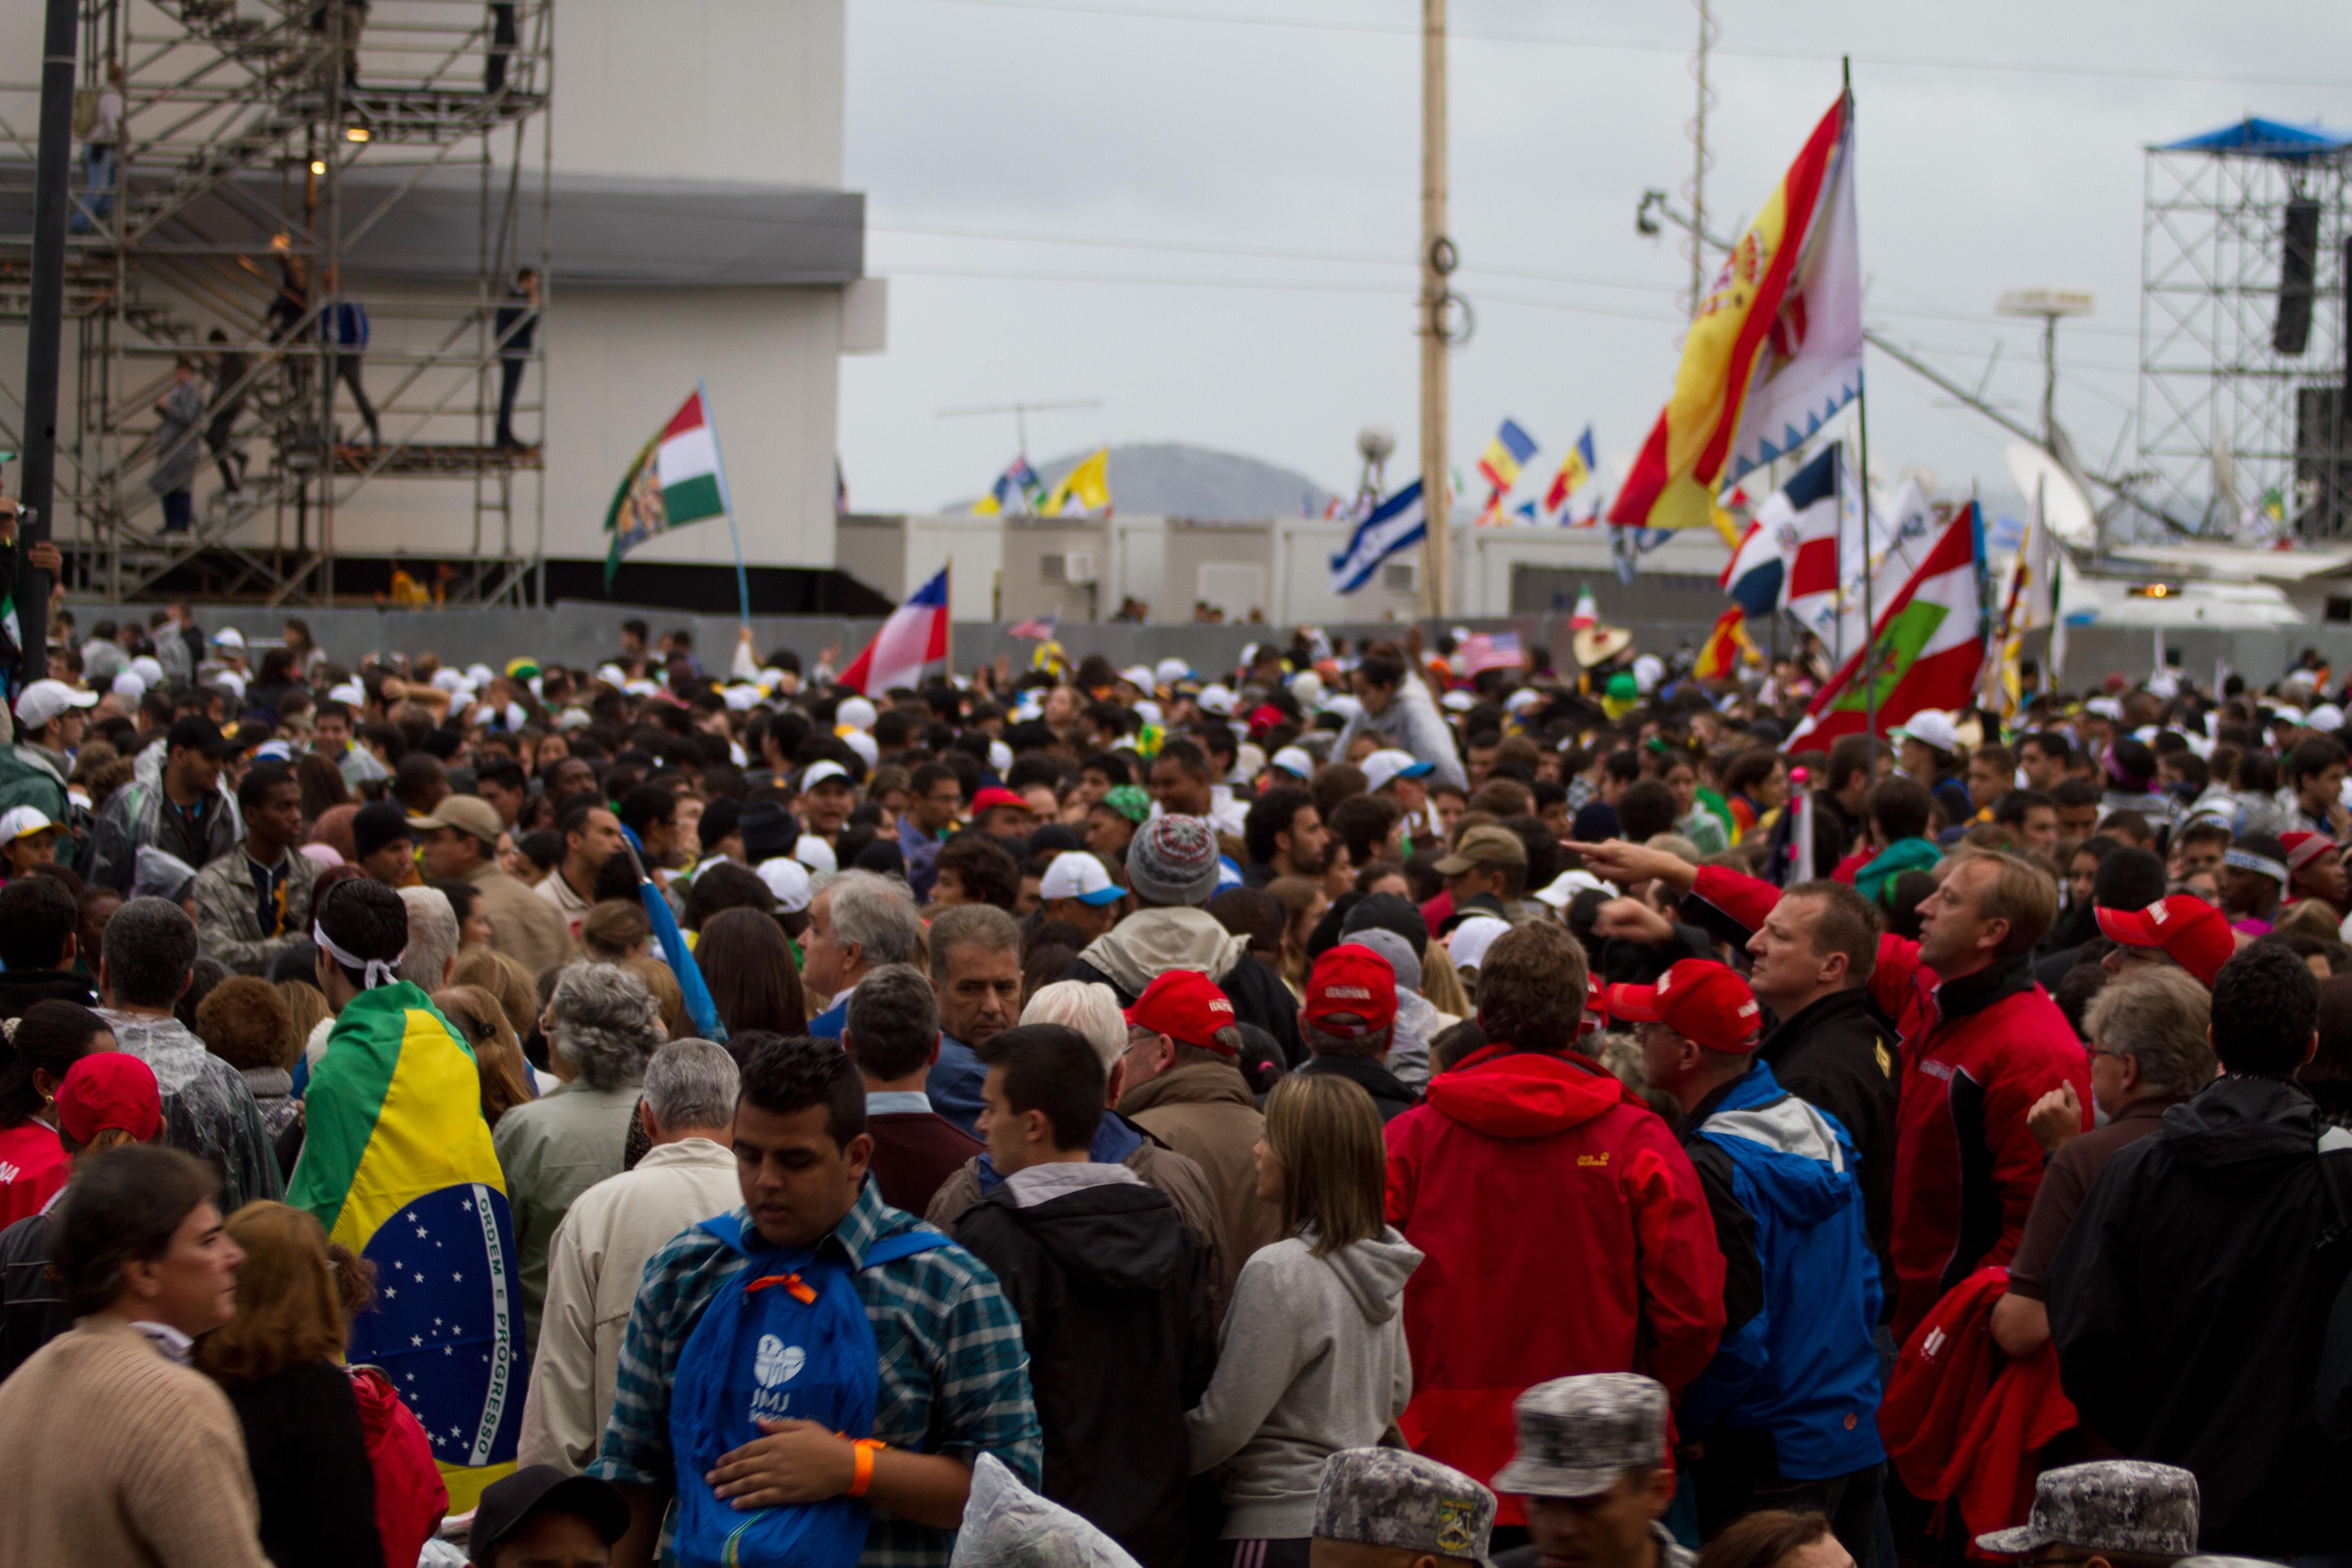 Une foule de pèlerins lors des JMJ de Rio en 2013. Crédit worldyouthday.com.